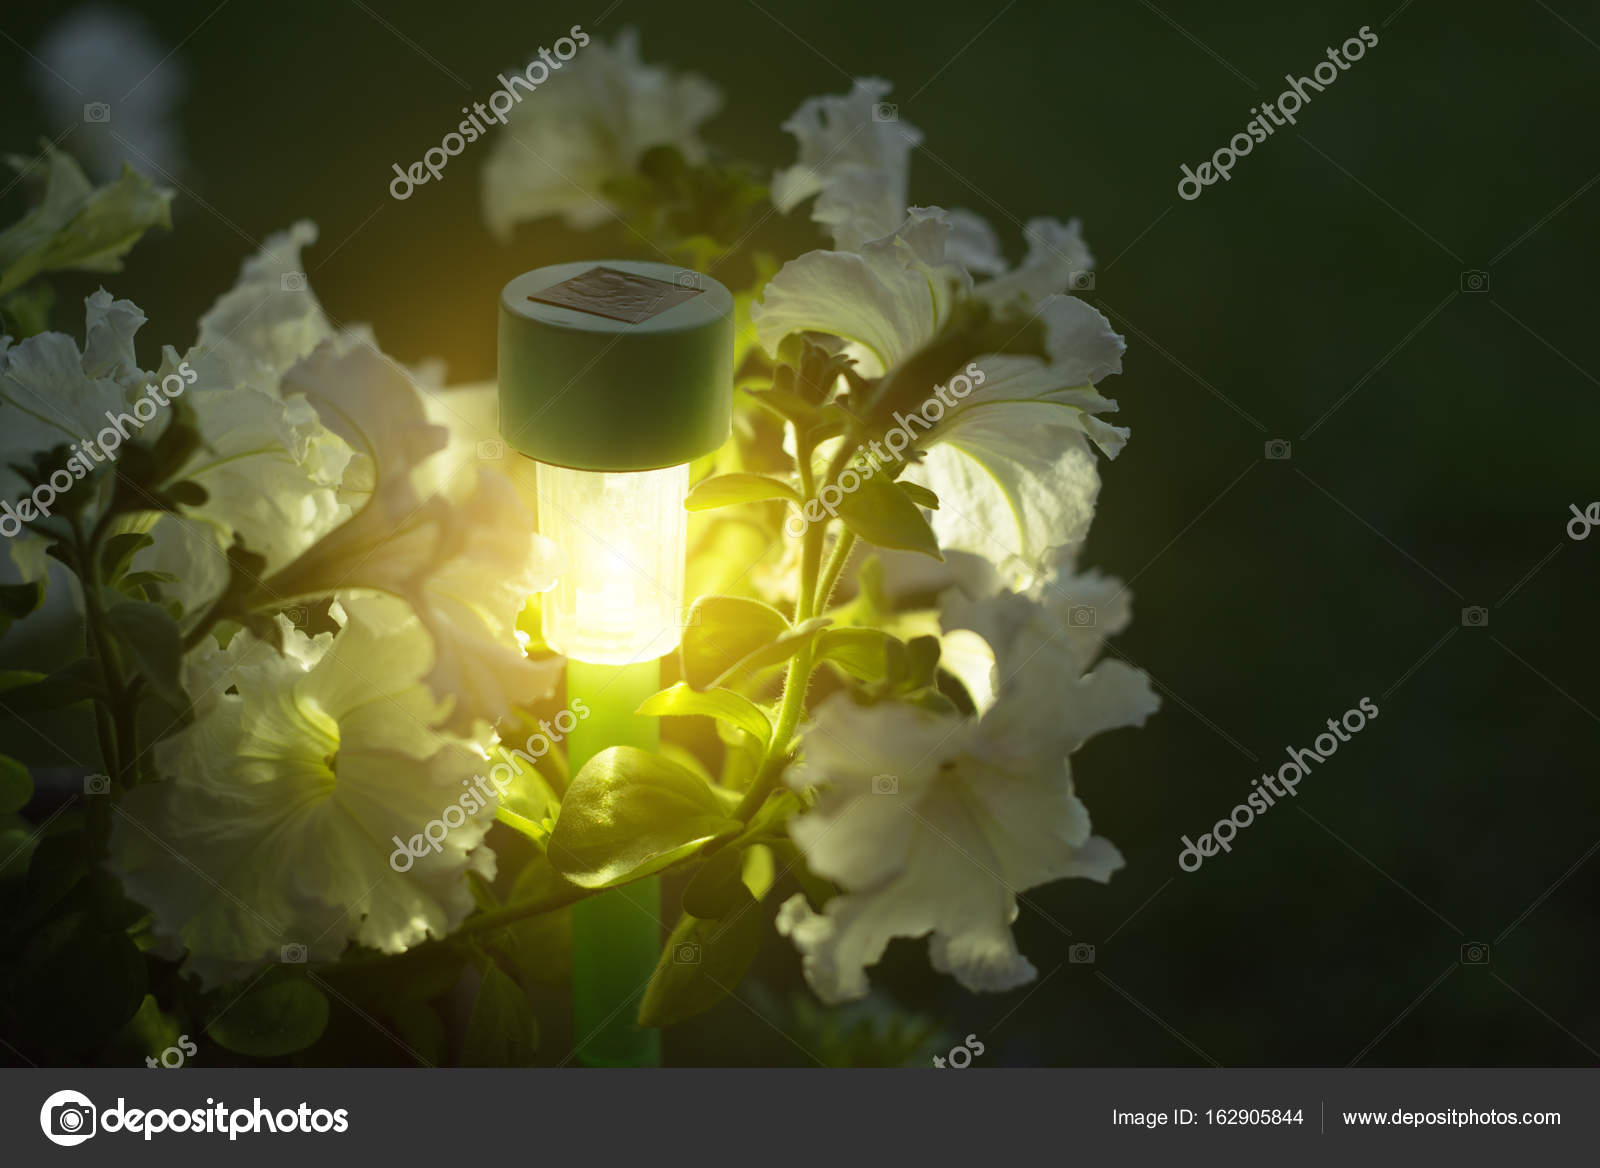 https://st3.depositphotos.com/6239660/16290/i/1600/depositphotos_162905844-stockafbeelding-tuin-verlichting-met-solar-batterij.jpg